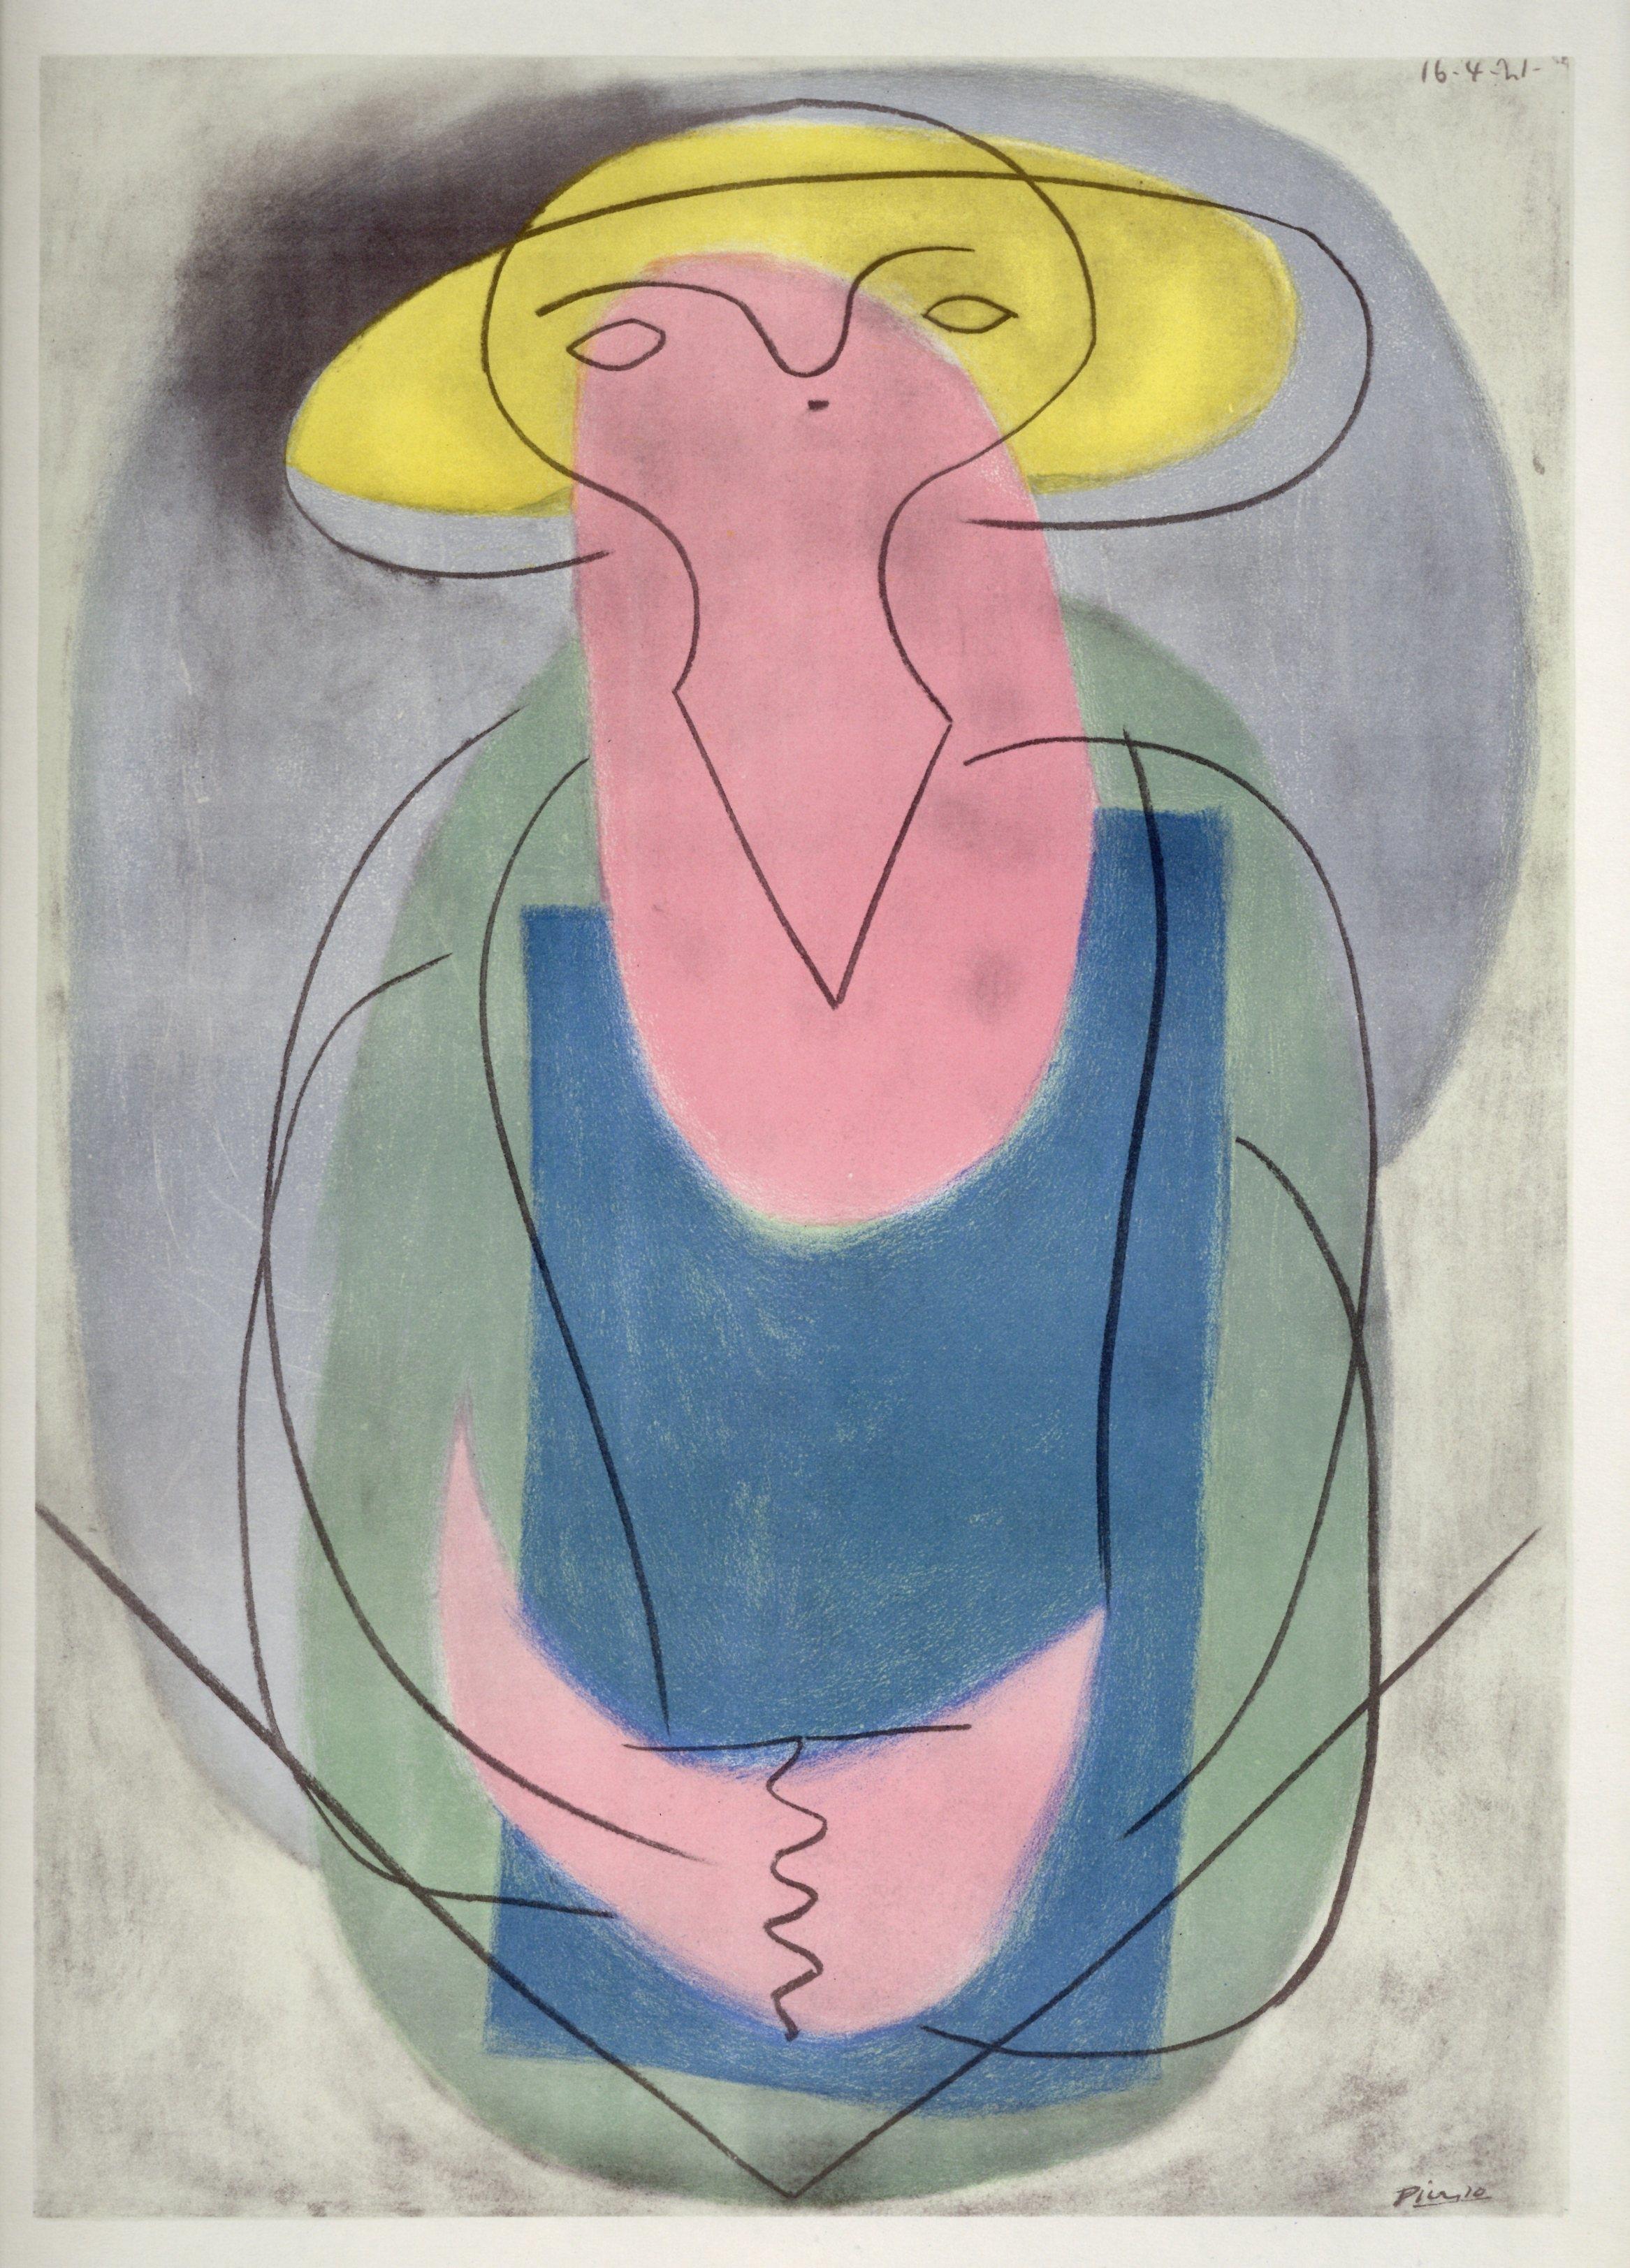 Pablo Picasso (Portrait de femme) lithograph pochoir, edition of 500